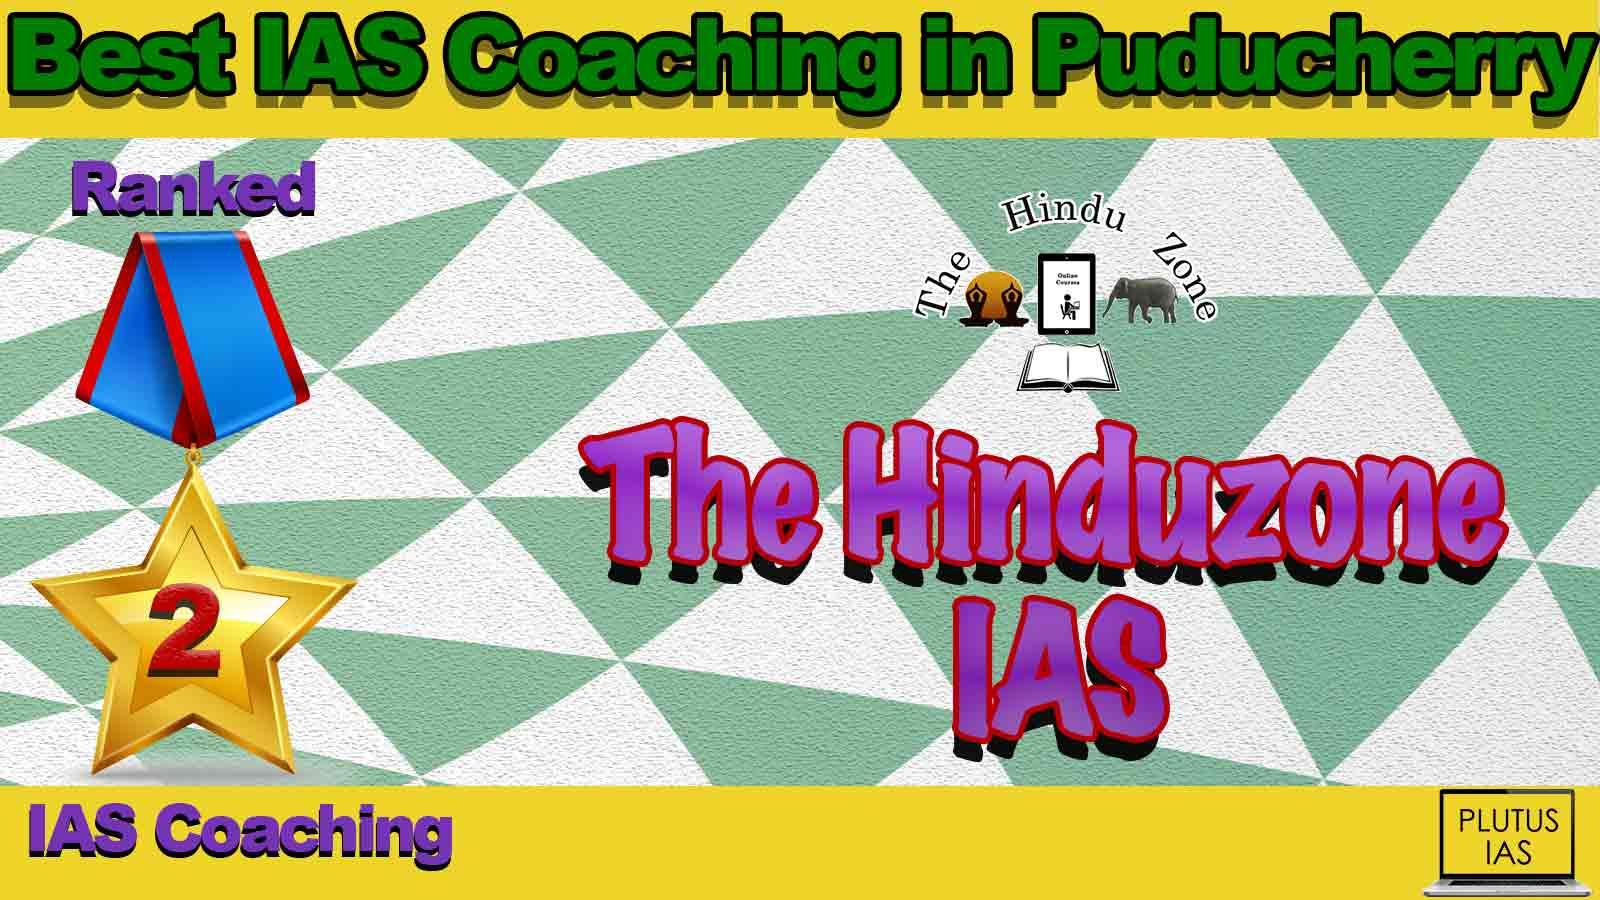 Top IAS Coaching in Puducherry